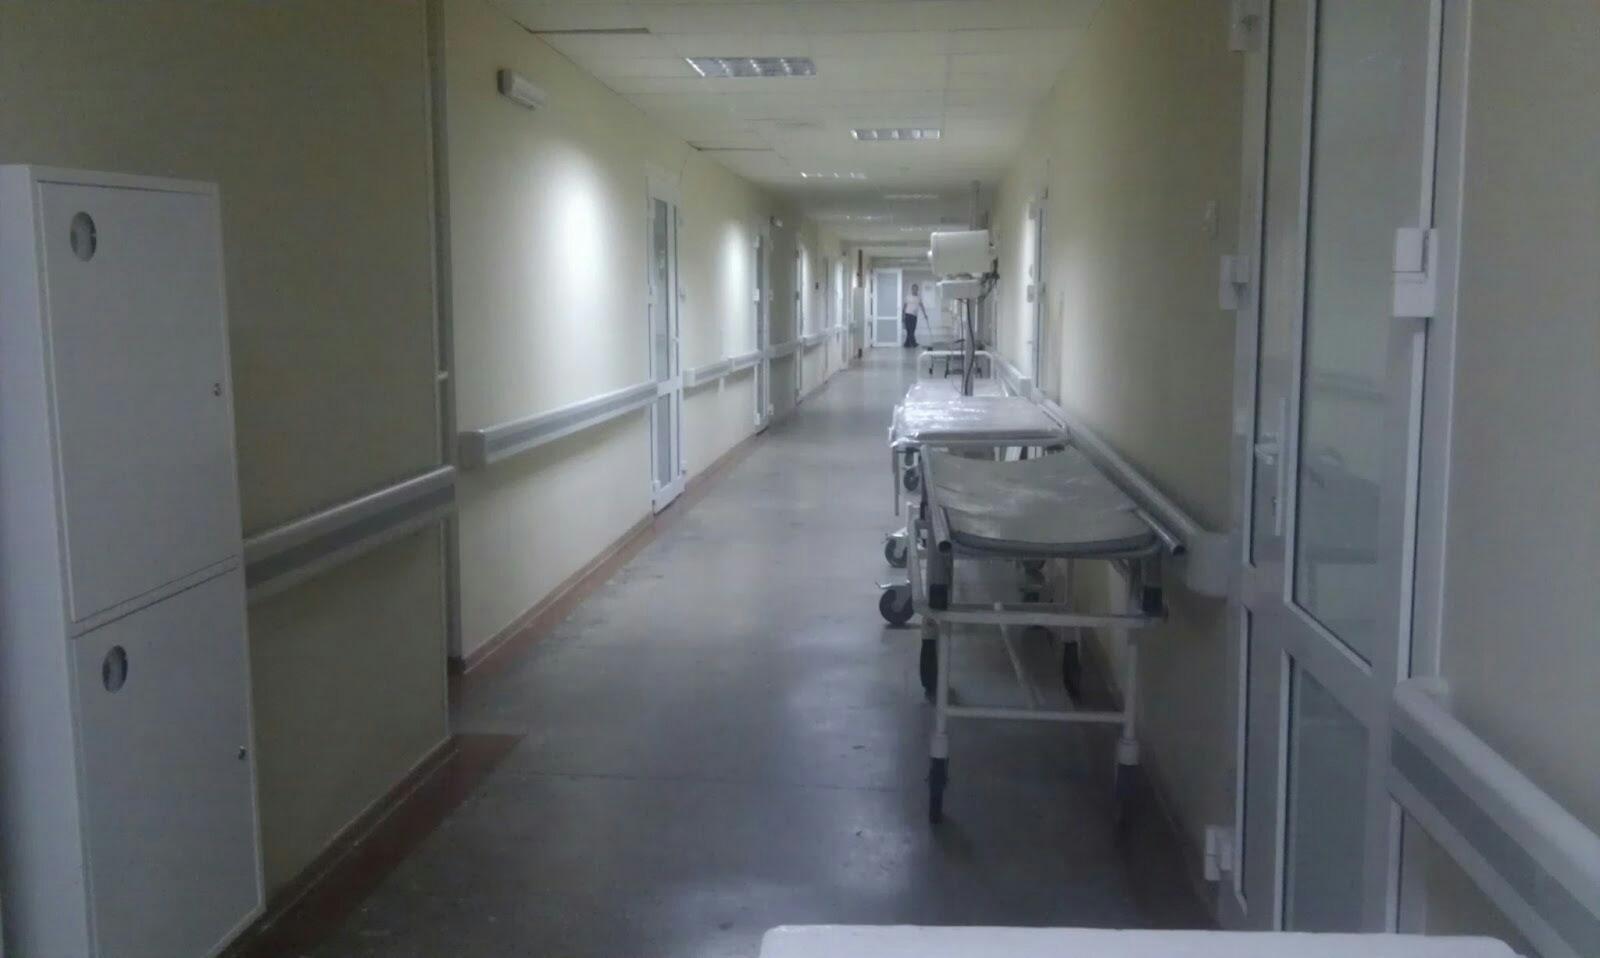 Курский Депздрав начал проверку: В морге очнулась пациентка, которой констатировали смерть